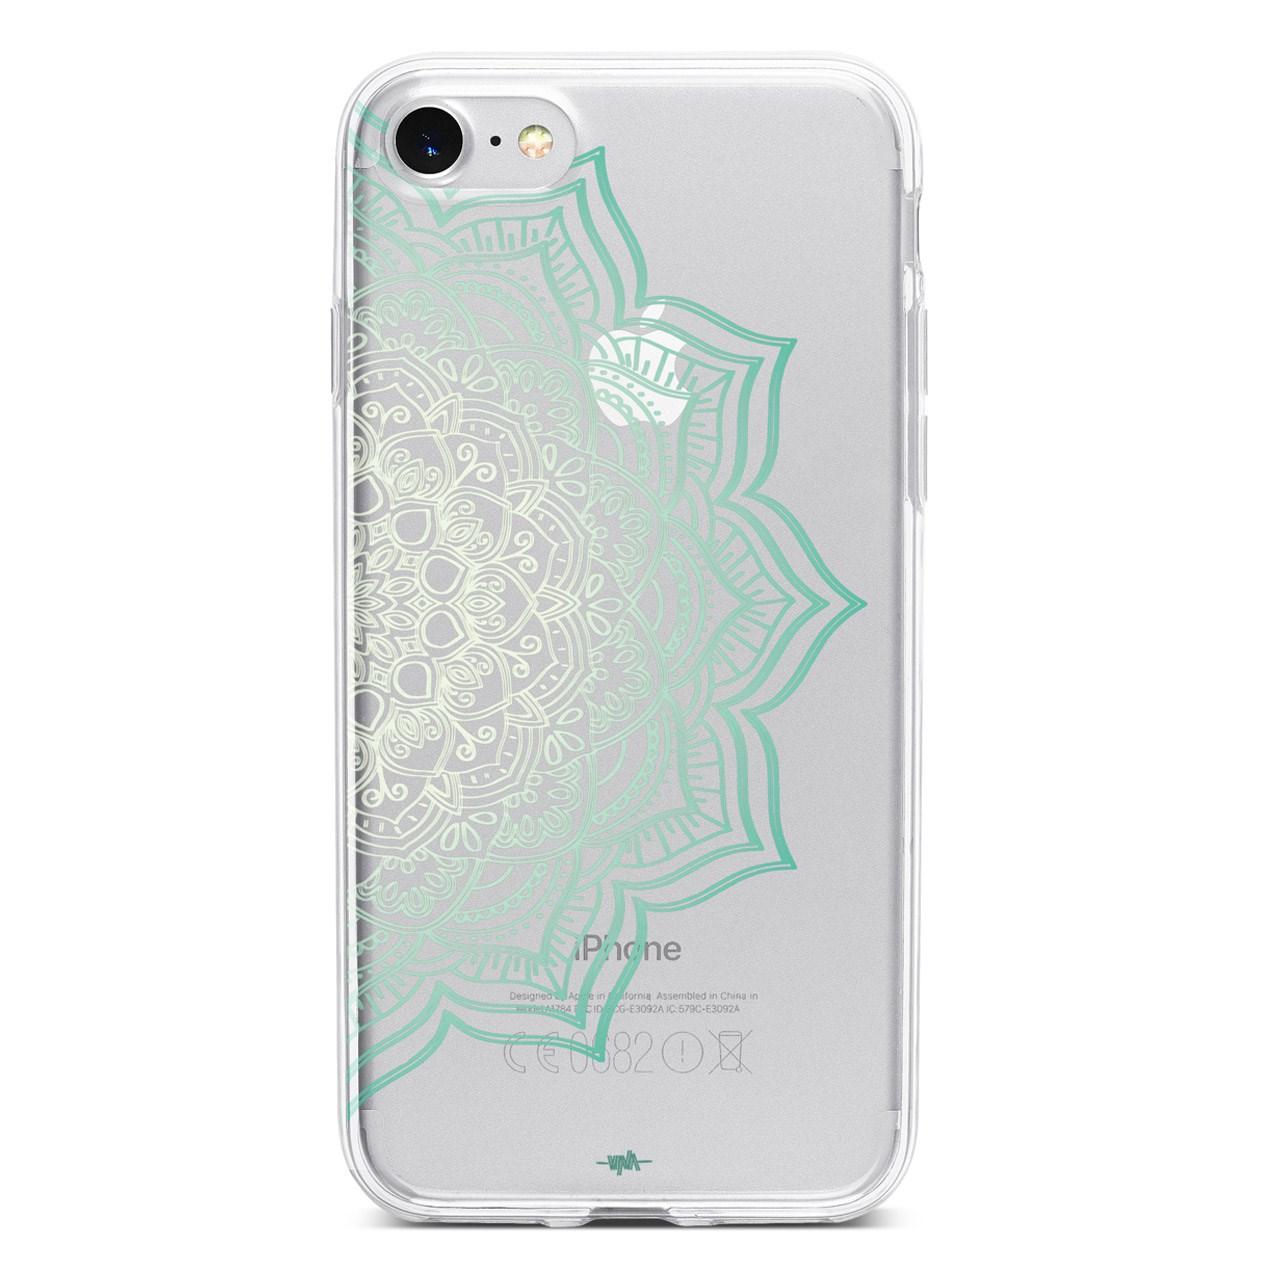 کاور  ژله ای مدل  Mint  مناسب برای گوشی موبایل آیفون 7 و 8